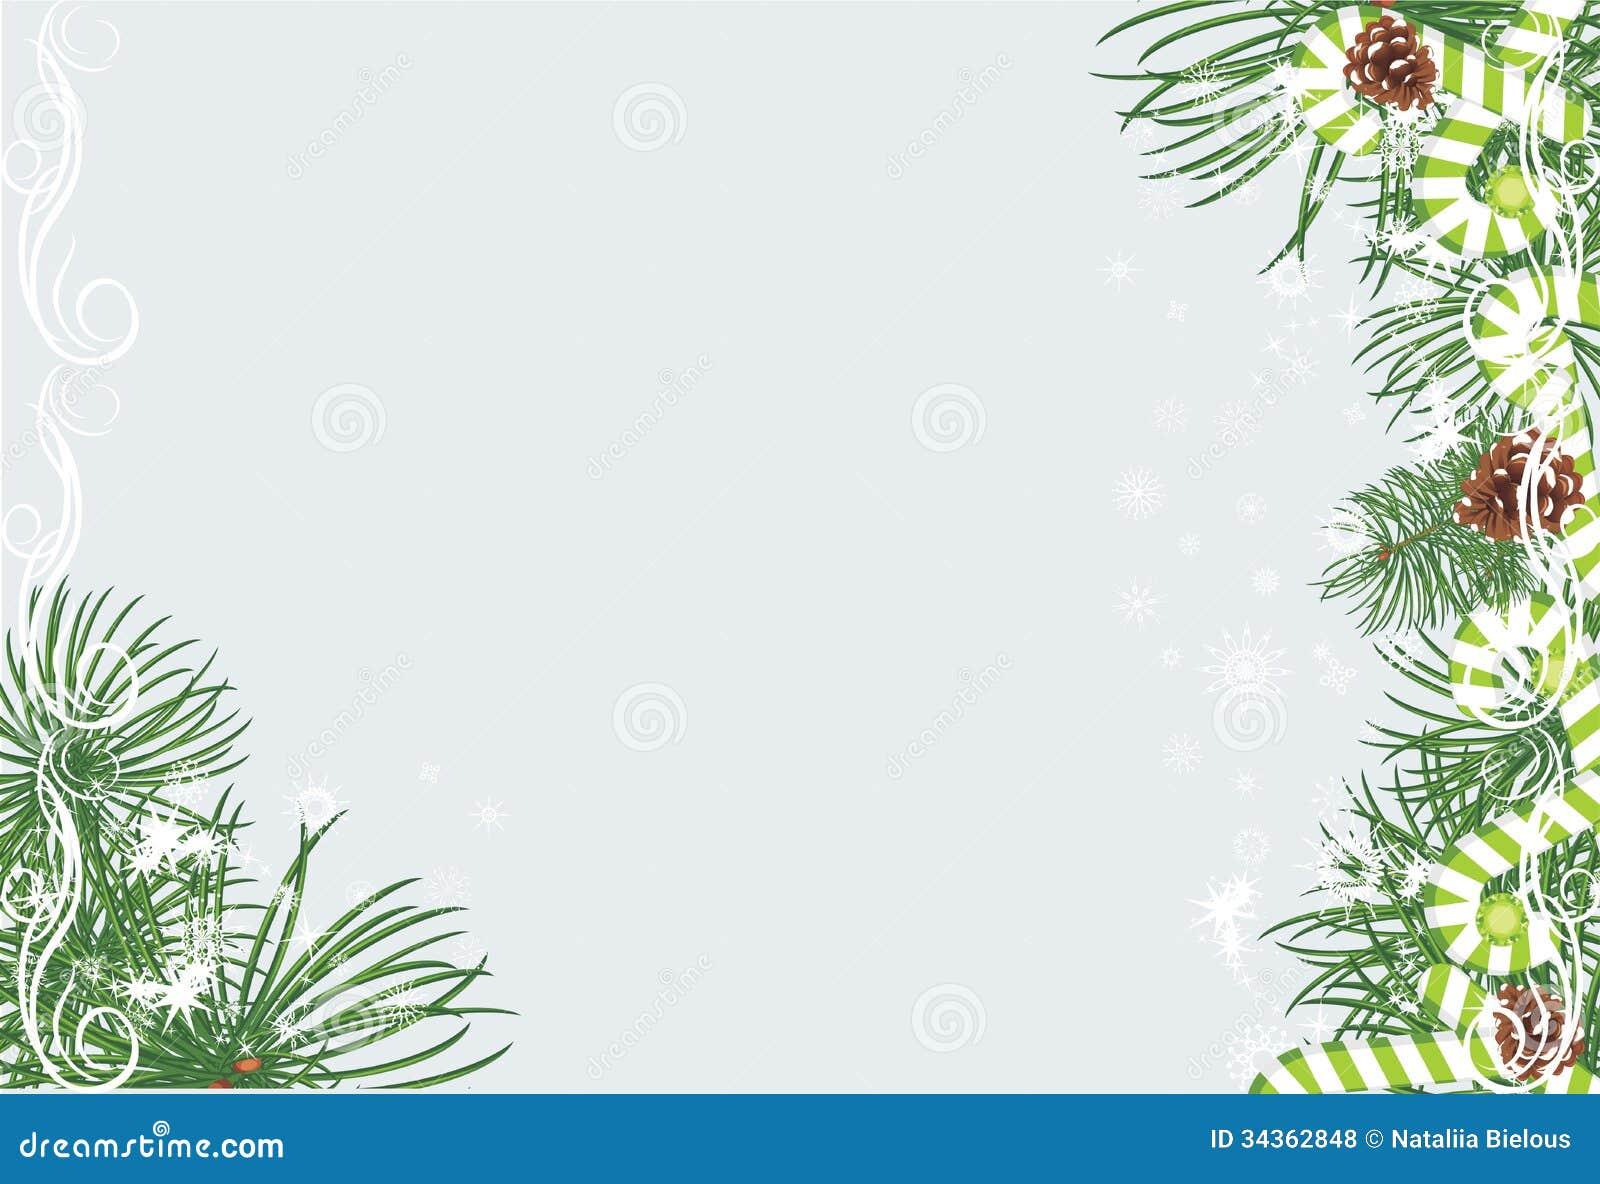 fir tree rash #11